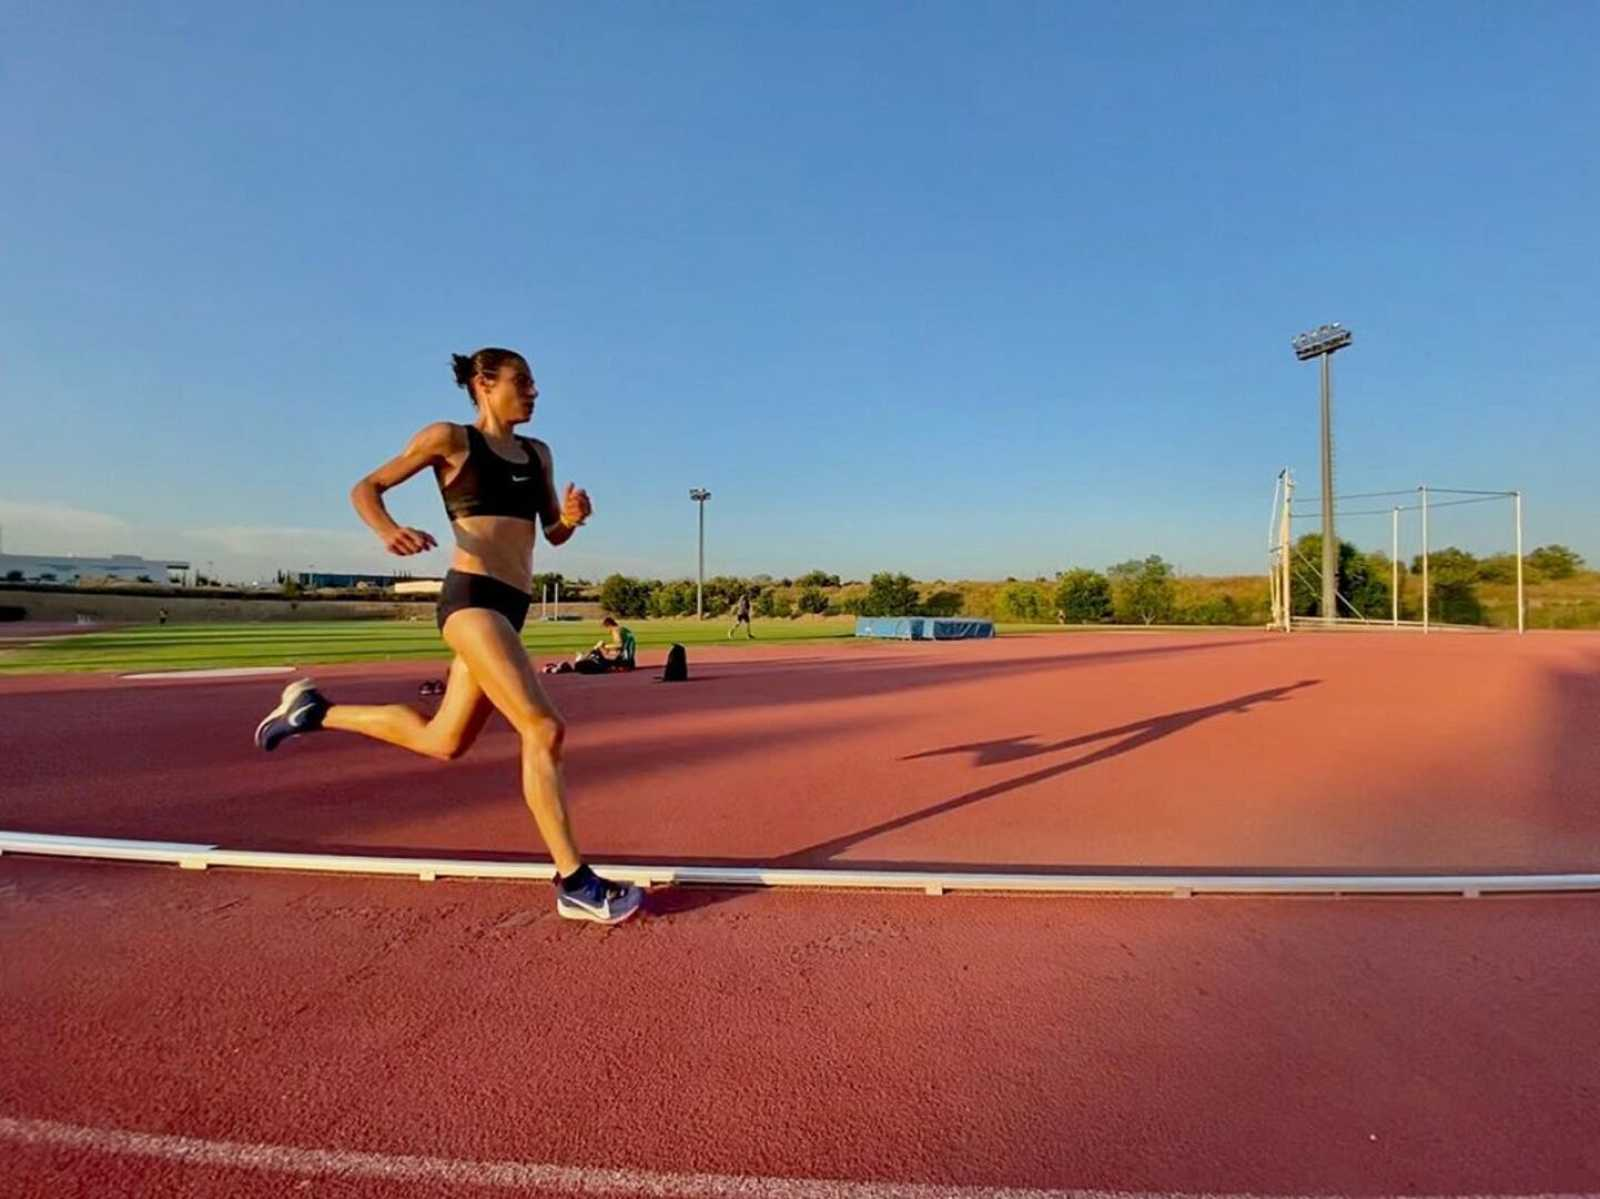 Marta Galimany pista de atletismo Le Fornas. Instagram